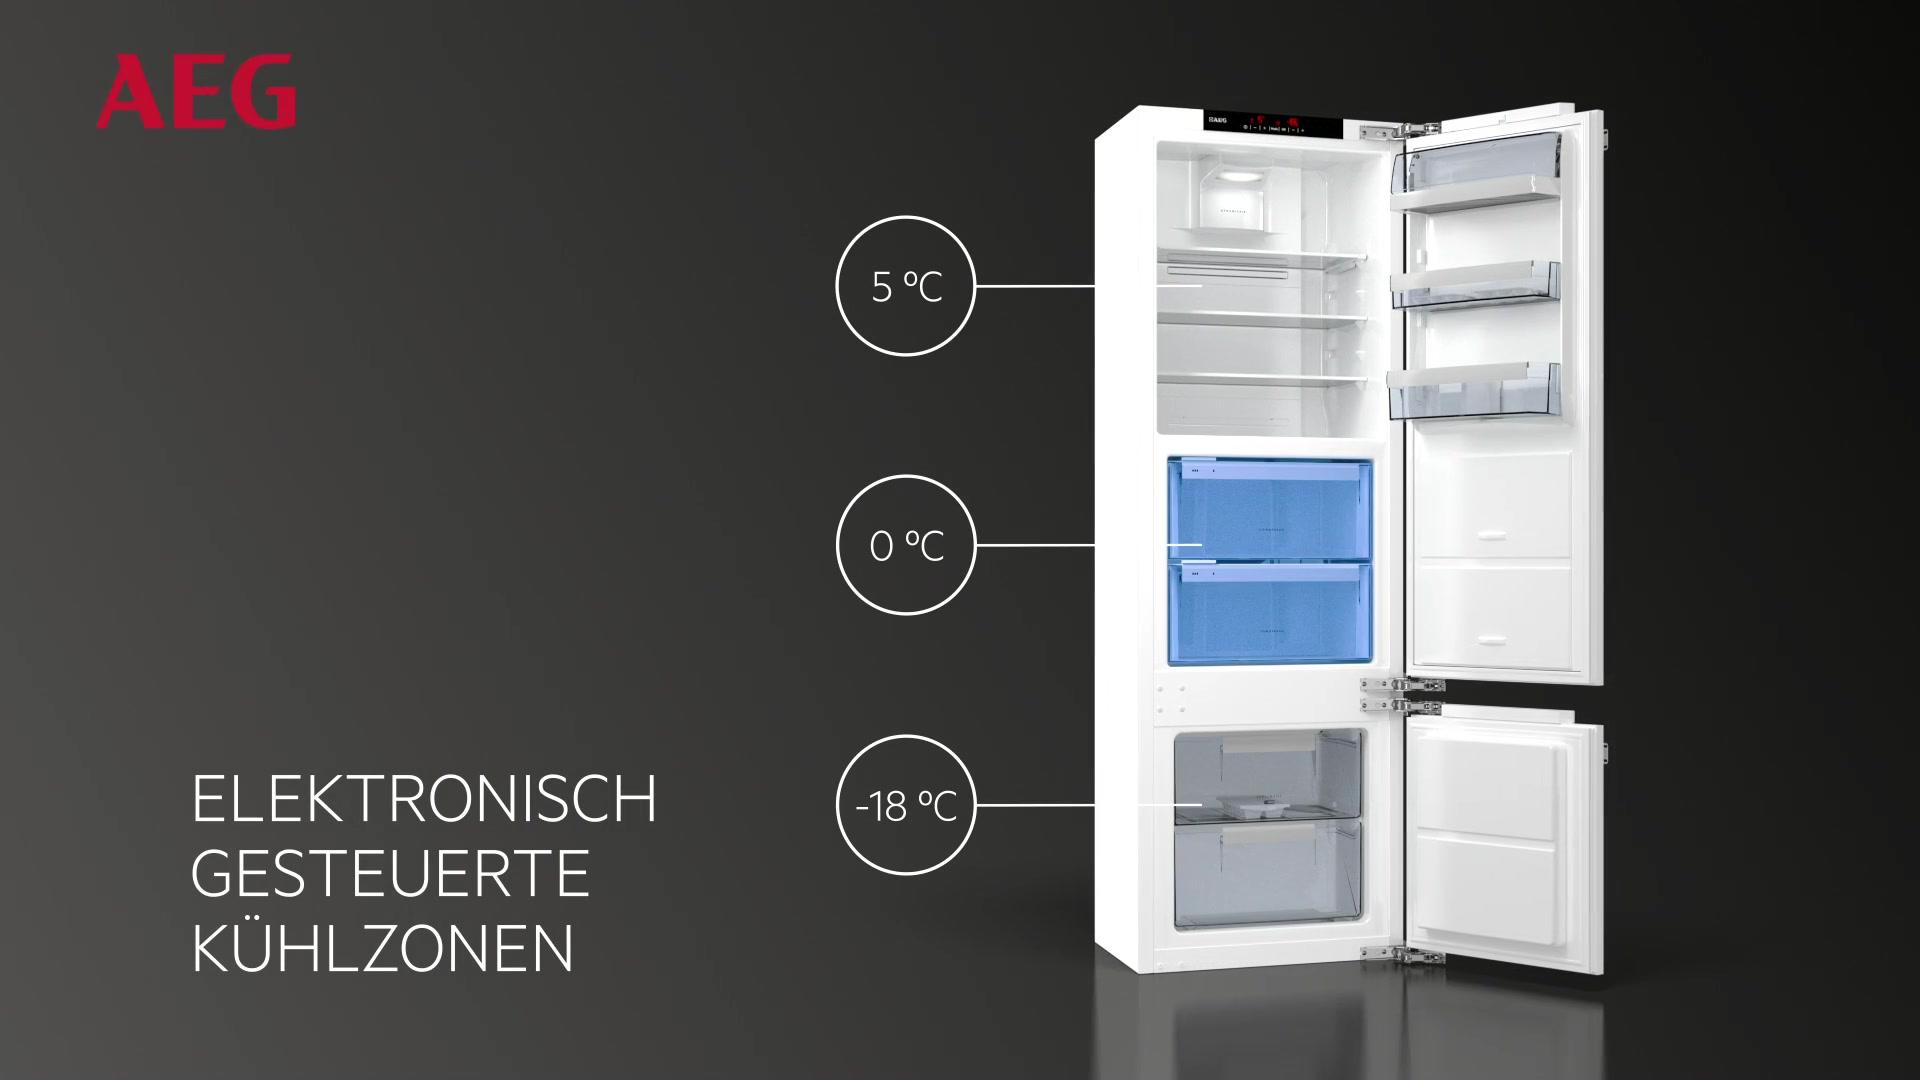 Miniküche Mit Kühlschrank Hagebaumarkt : Aeg aeg integrierbarer einbau kühlschrank santo sfe zc a